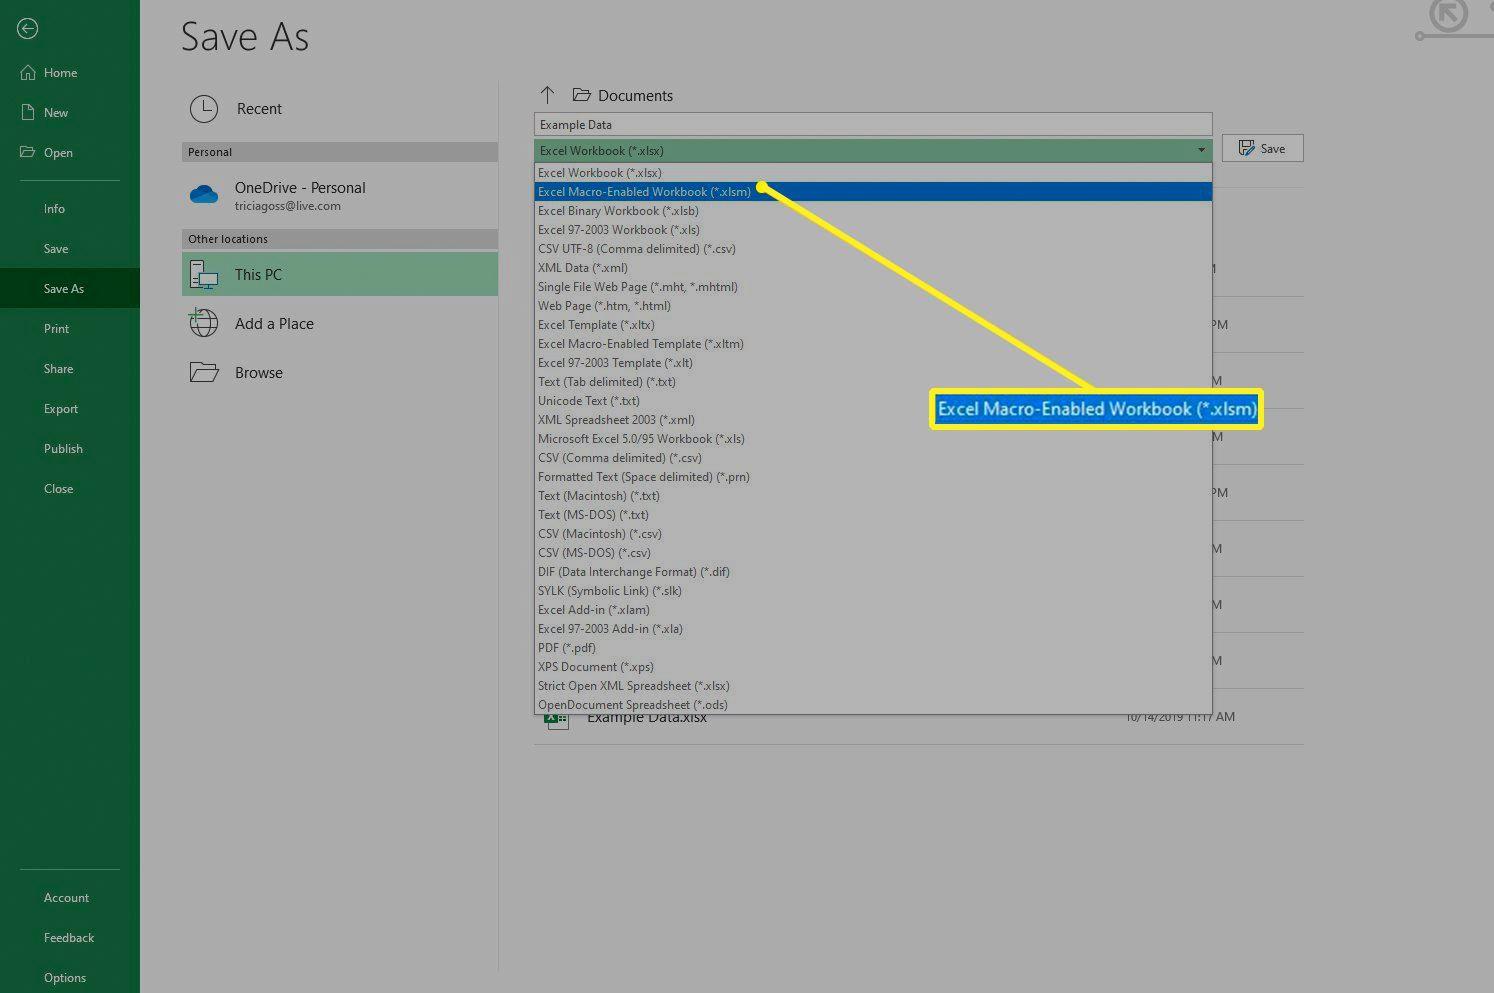 Excel Macro-Enabled Workbook option